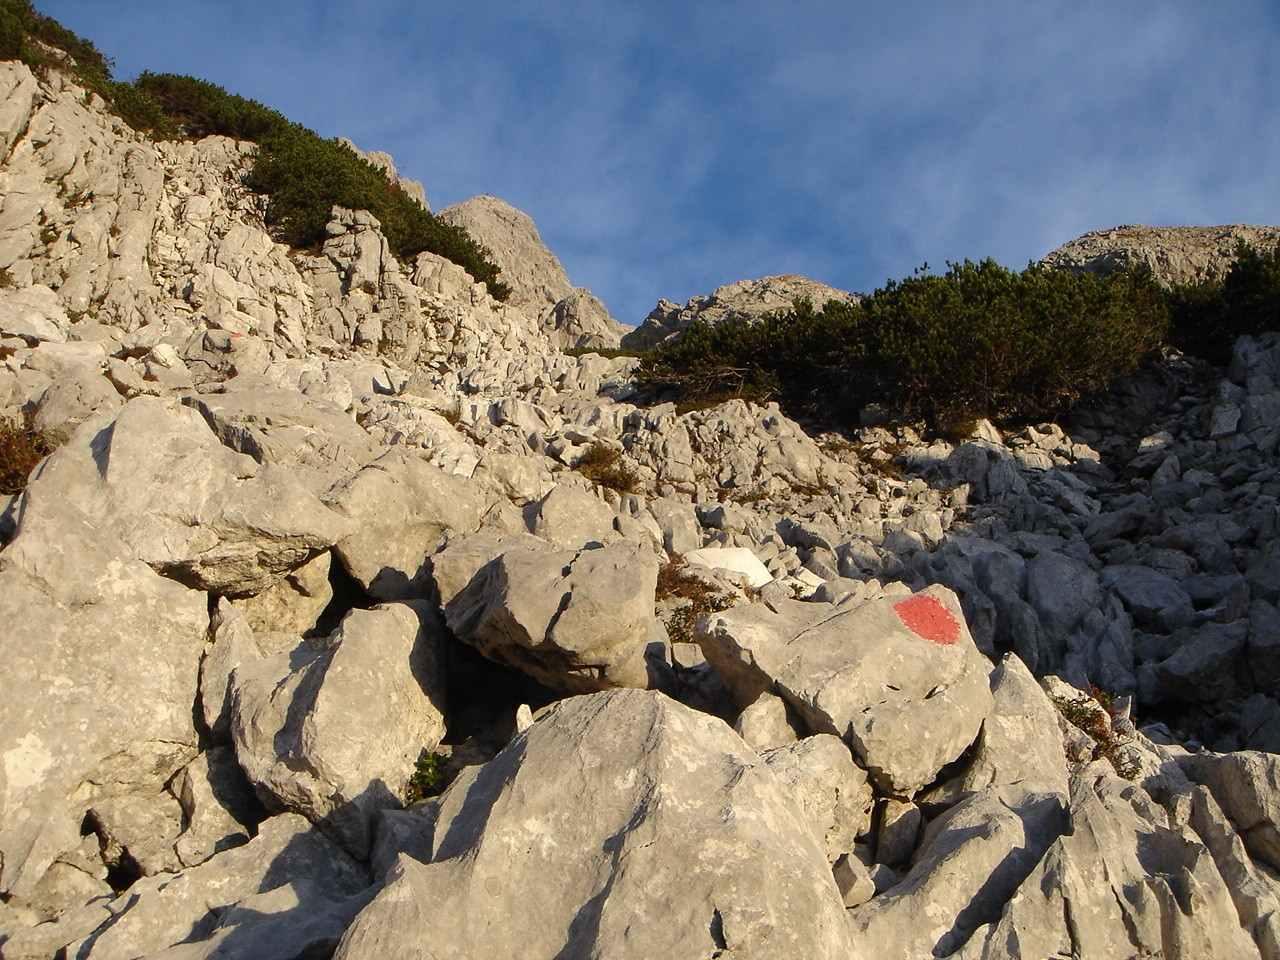 Foto: Manfred Karl / Wander Tour / Über das Prielschutzhaus und den Bert-Rinesch-Klettersteig auf den Gr.Priel / Zustieg zum Klettersteig / 15.06.2007 23:26:55